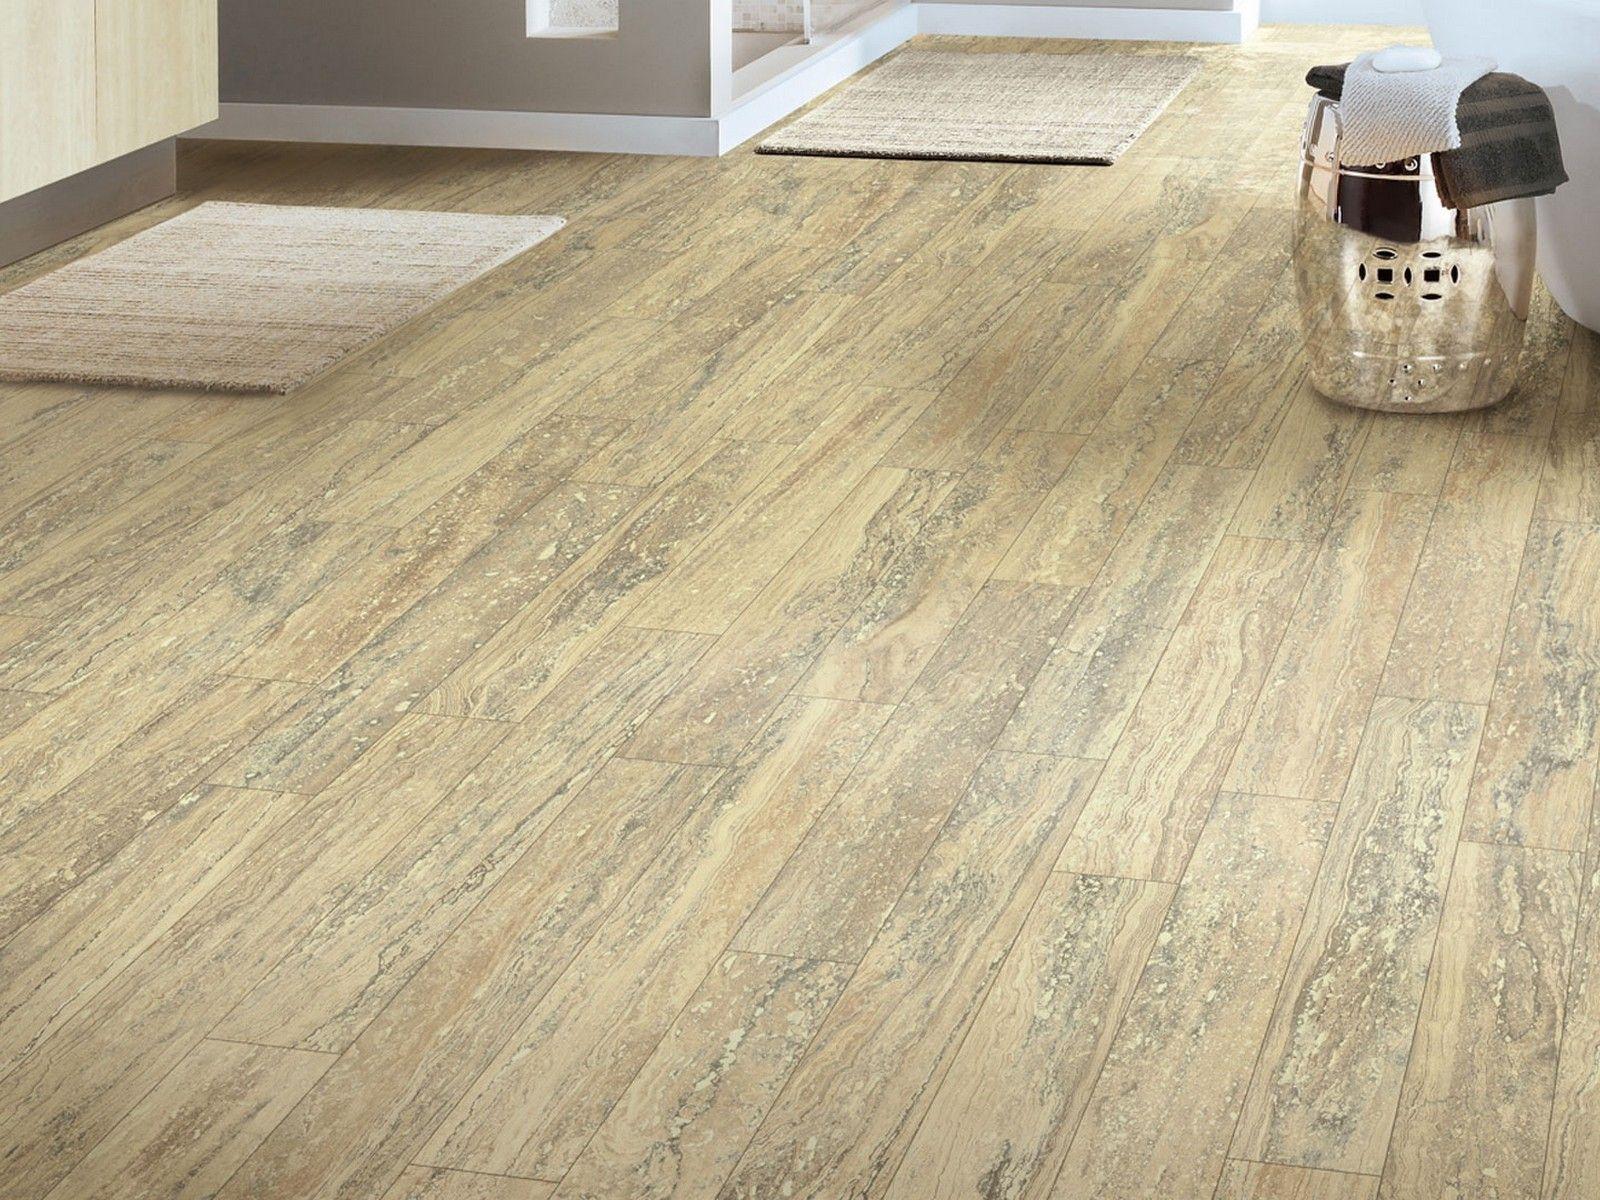 wood vinyl laminate best sheet pin beautiful flooring waterproof floors cost